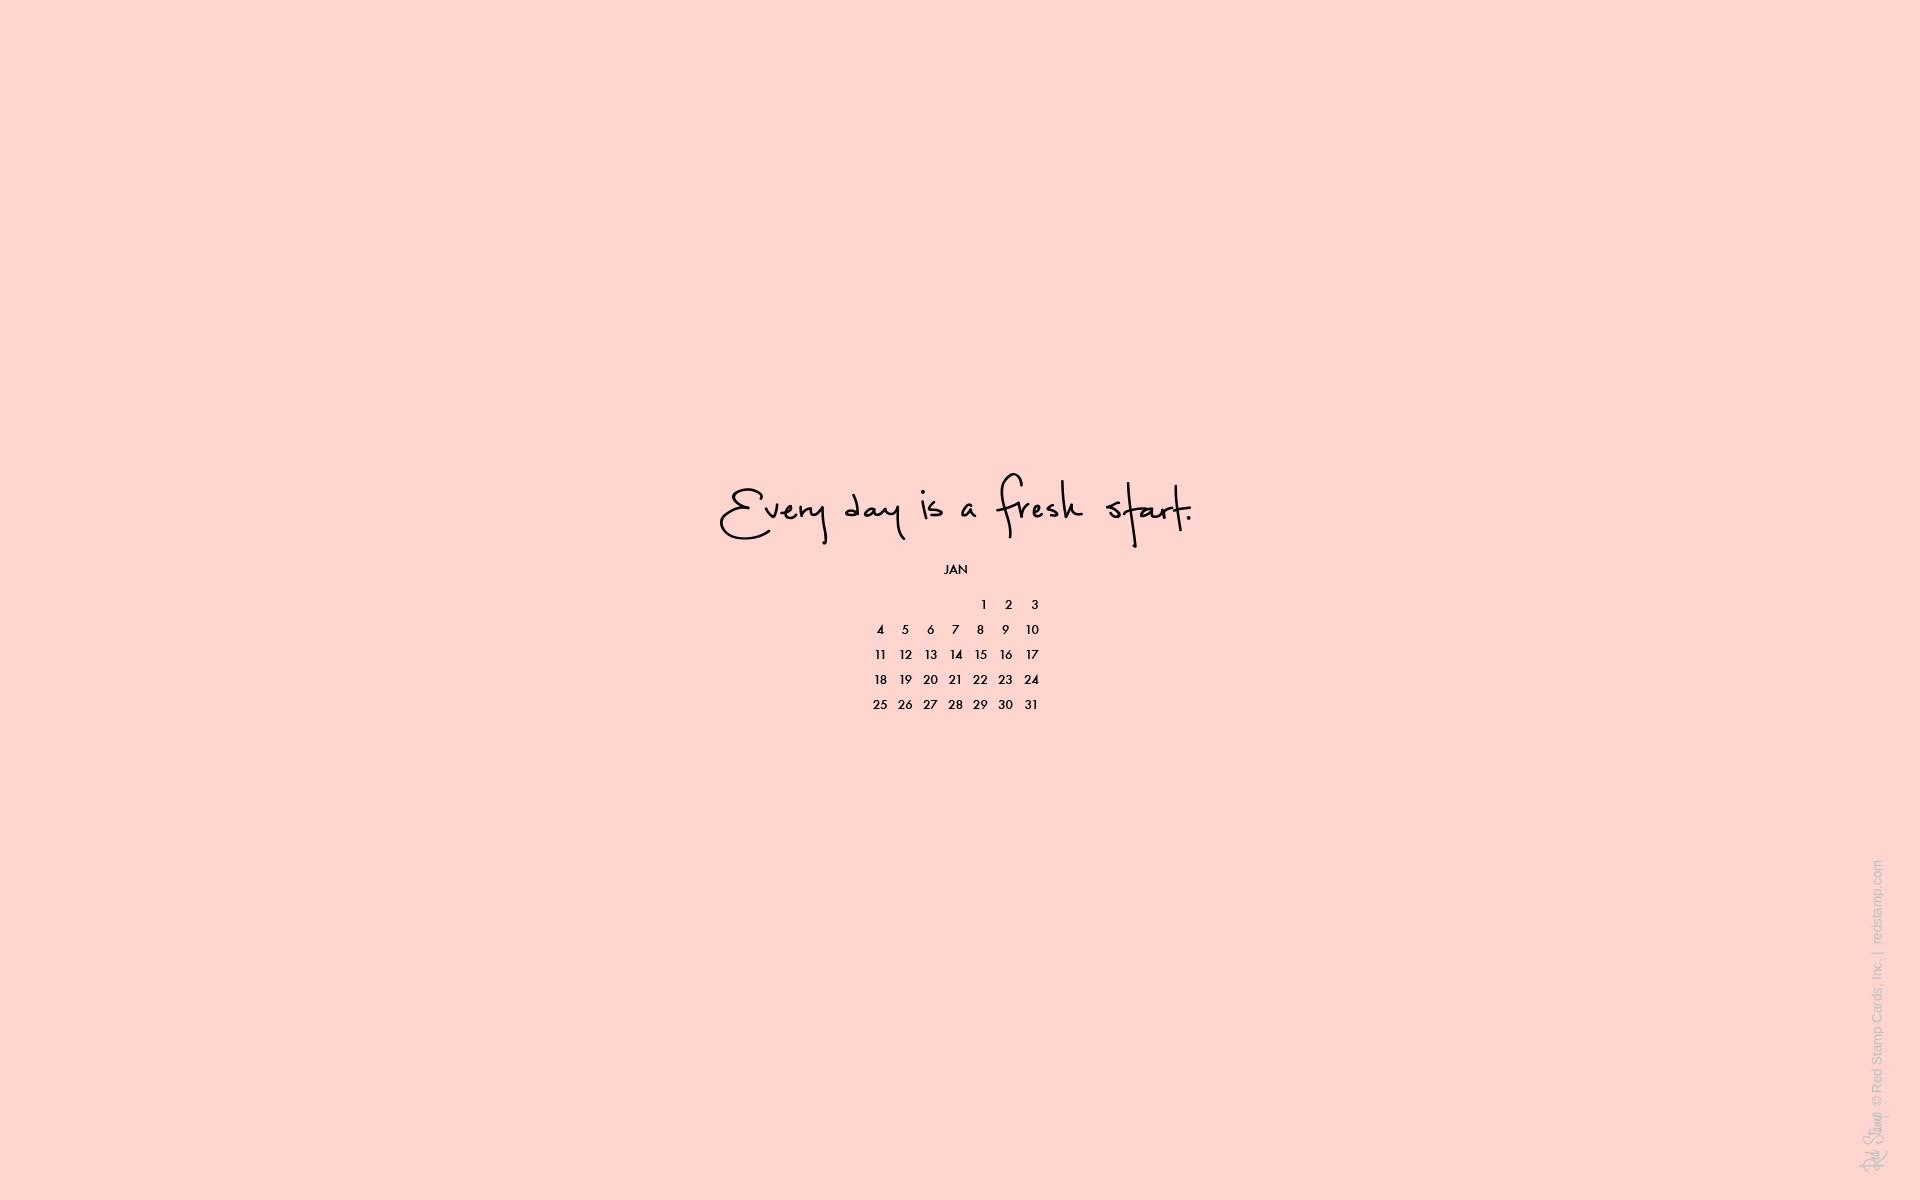 pink desktop backgrounds (53+ images)